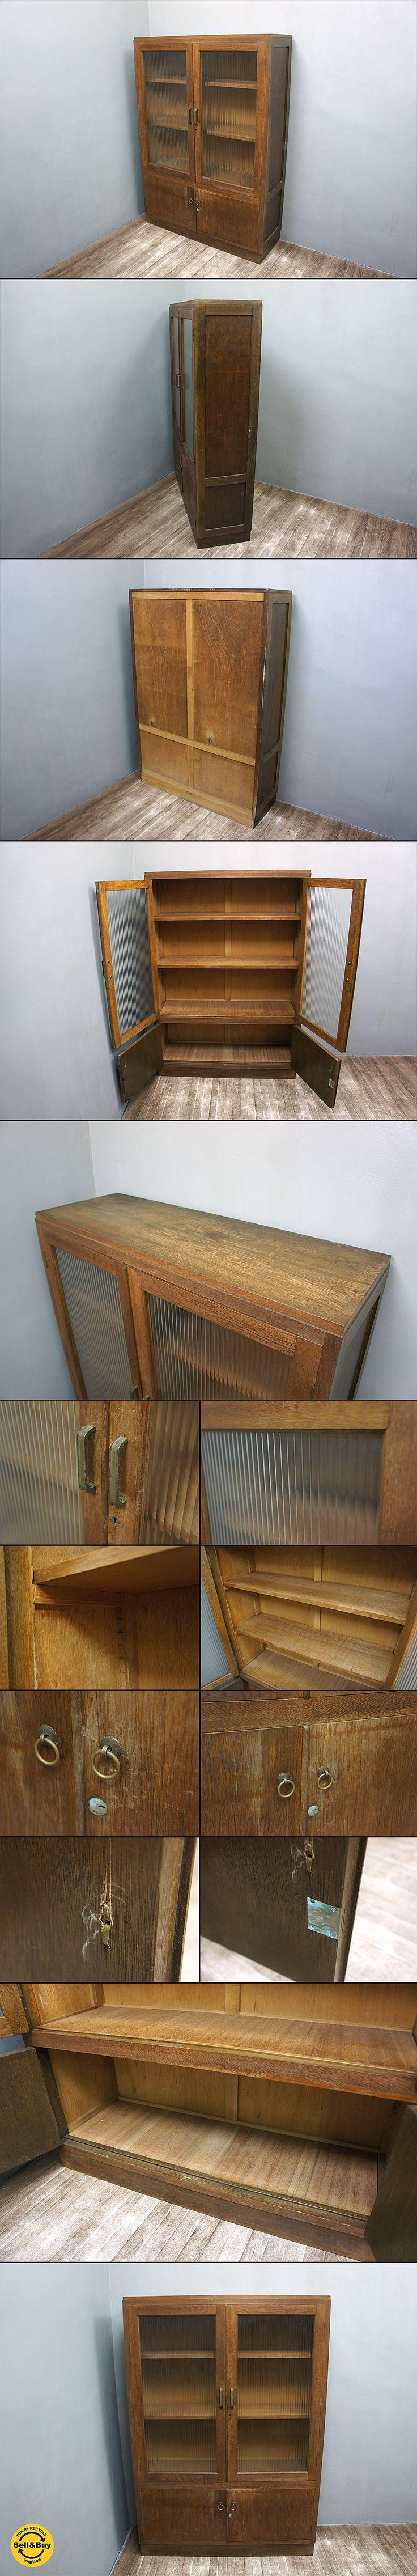 A 日本の古い木味 ガラスキャビネット 波ガラス 書棚 本棚 昭和レトロ ● - TOKYO RECYCLE imption|北欧家具・デザイナーズ家具・ヴィンテージ家具のお店